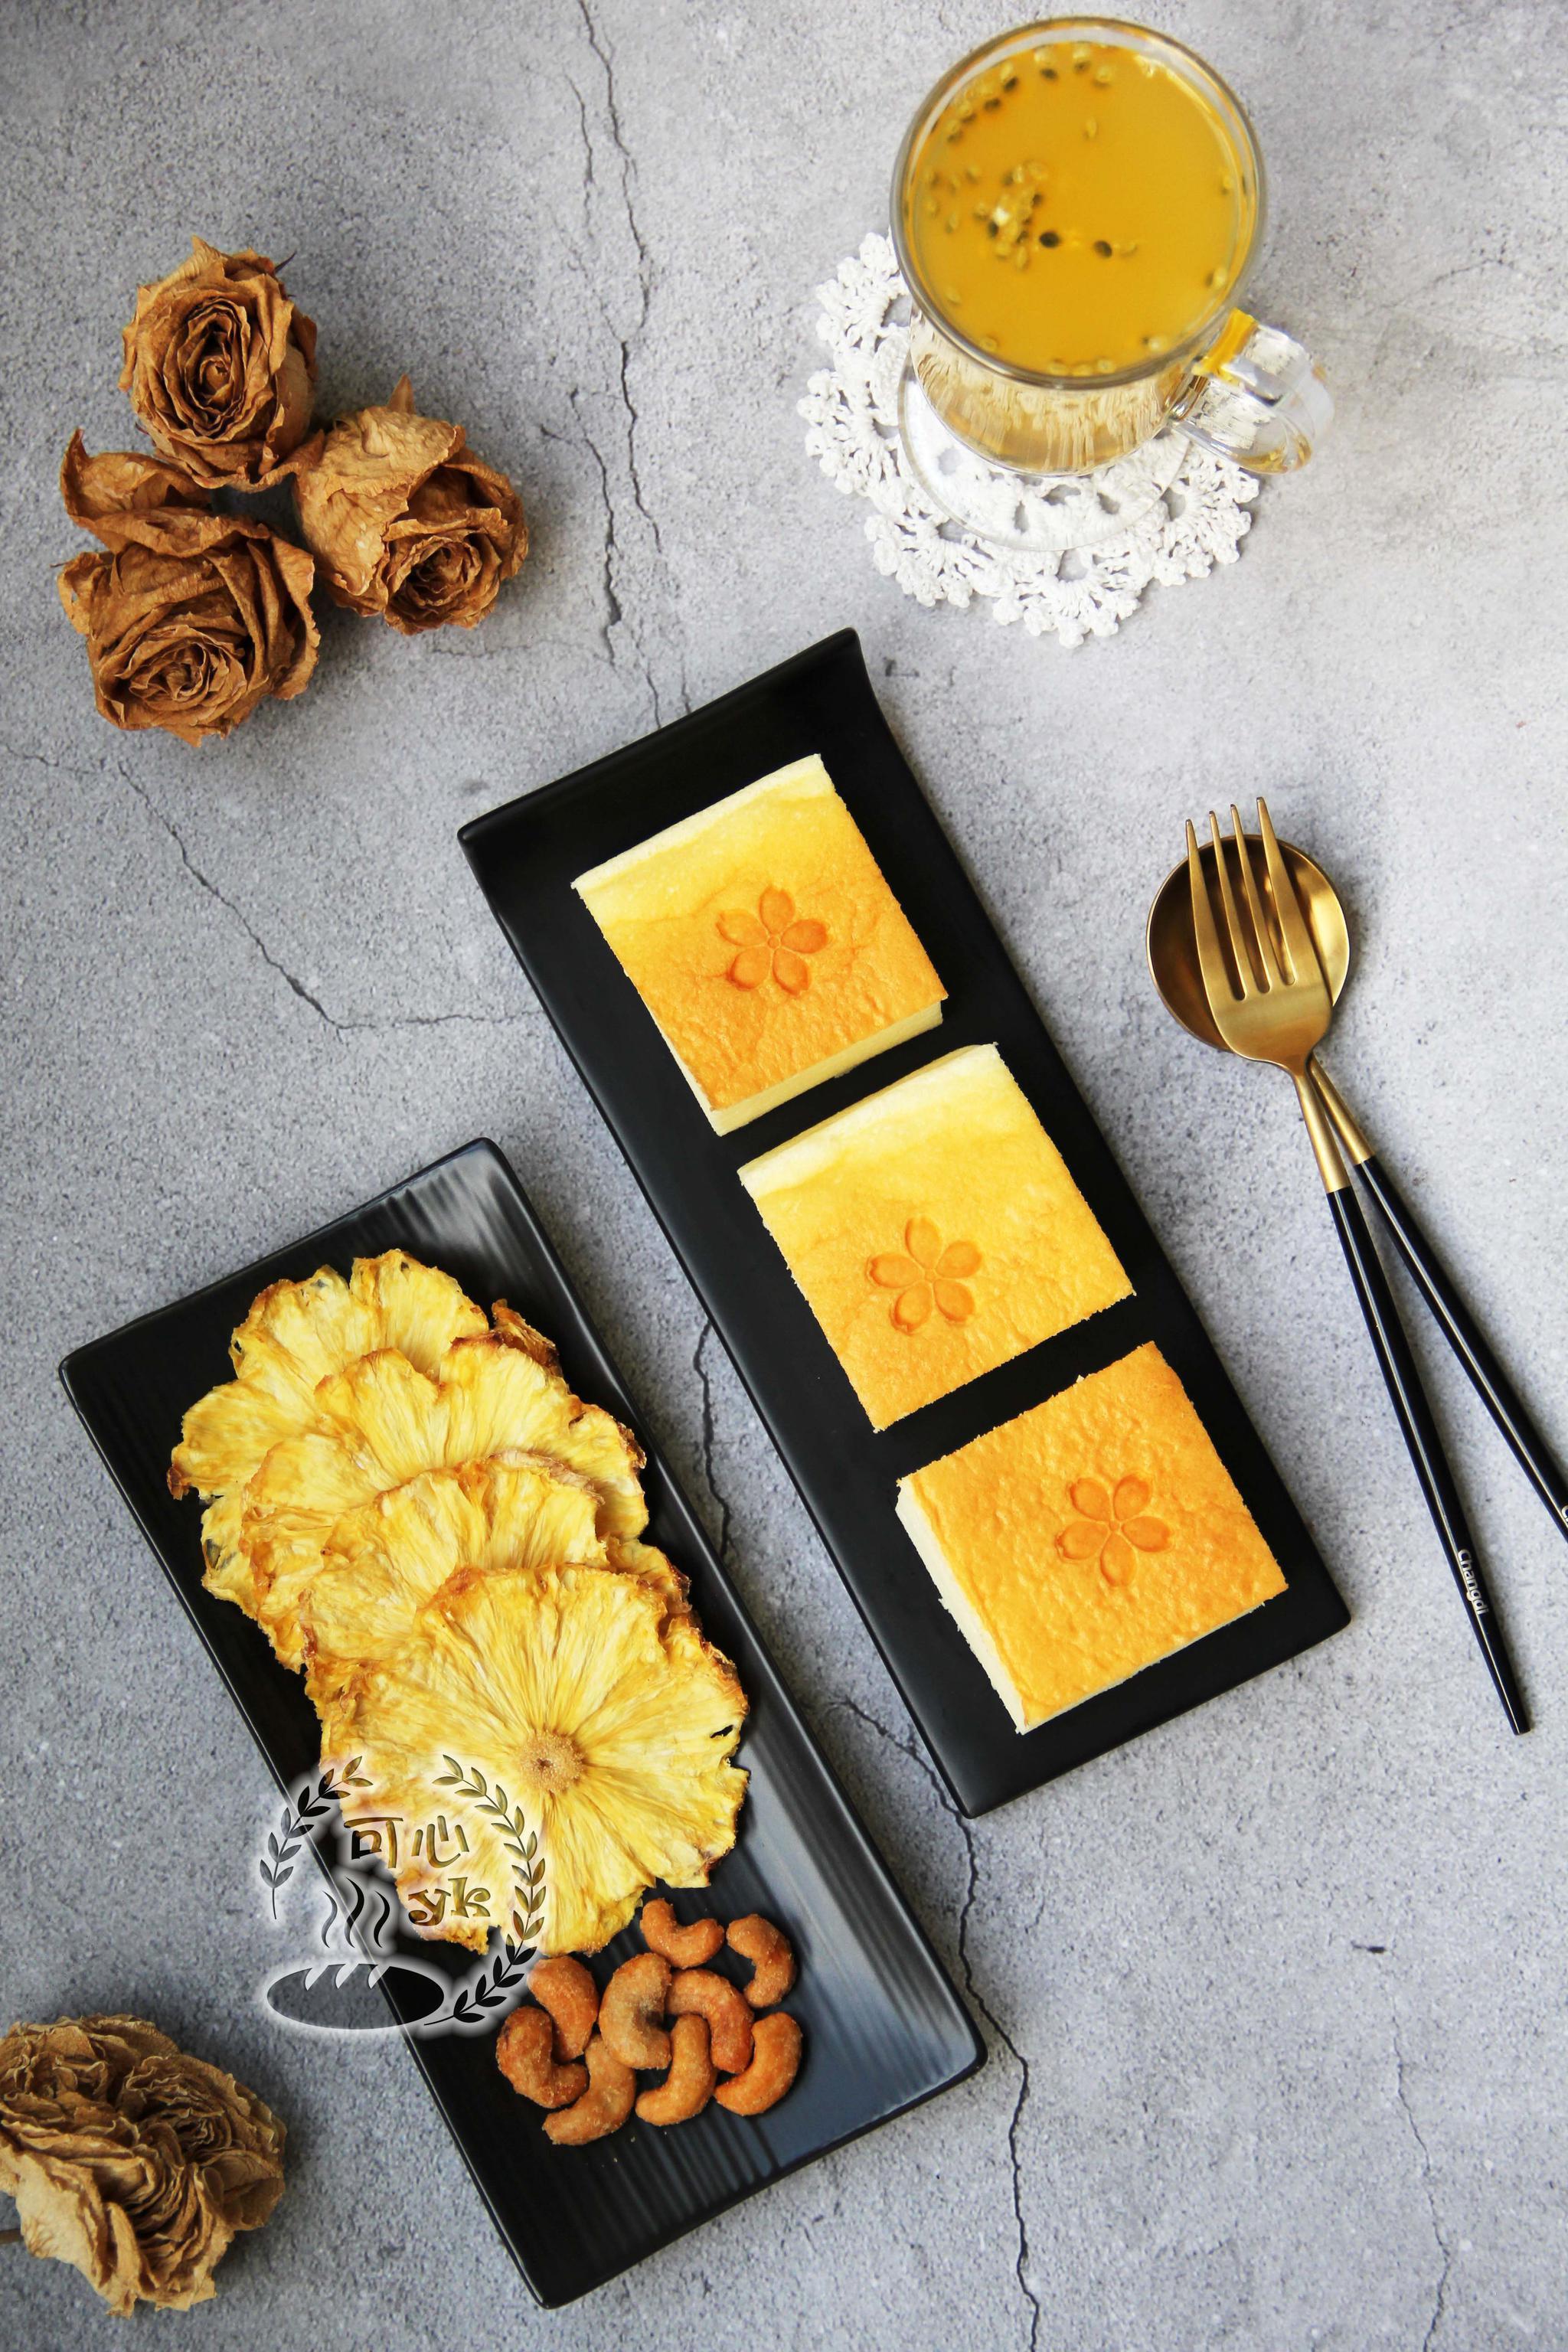 [调皮]今天的早餐:酸奶蛋糕、菠萝干、腰果、百香果蜂蜜饮。